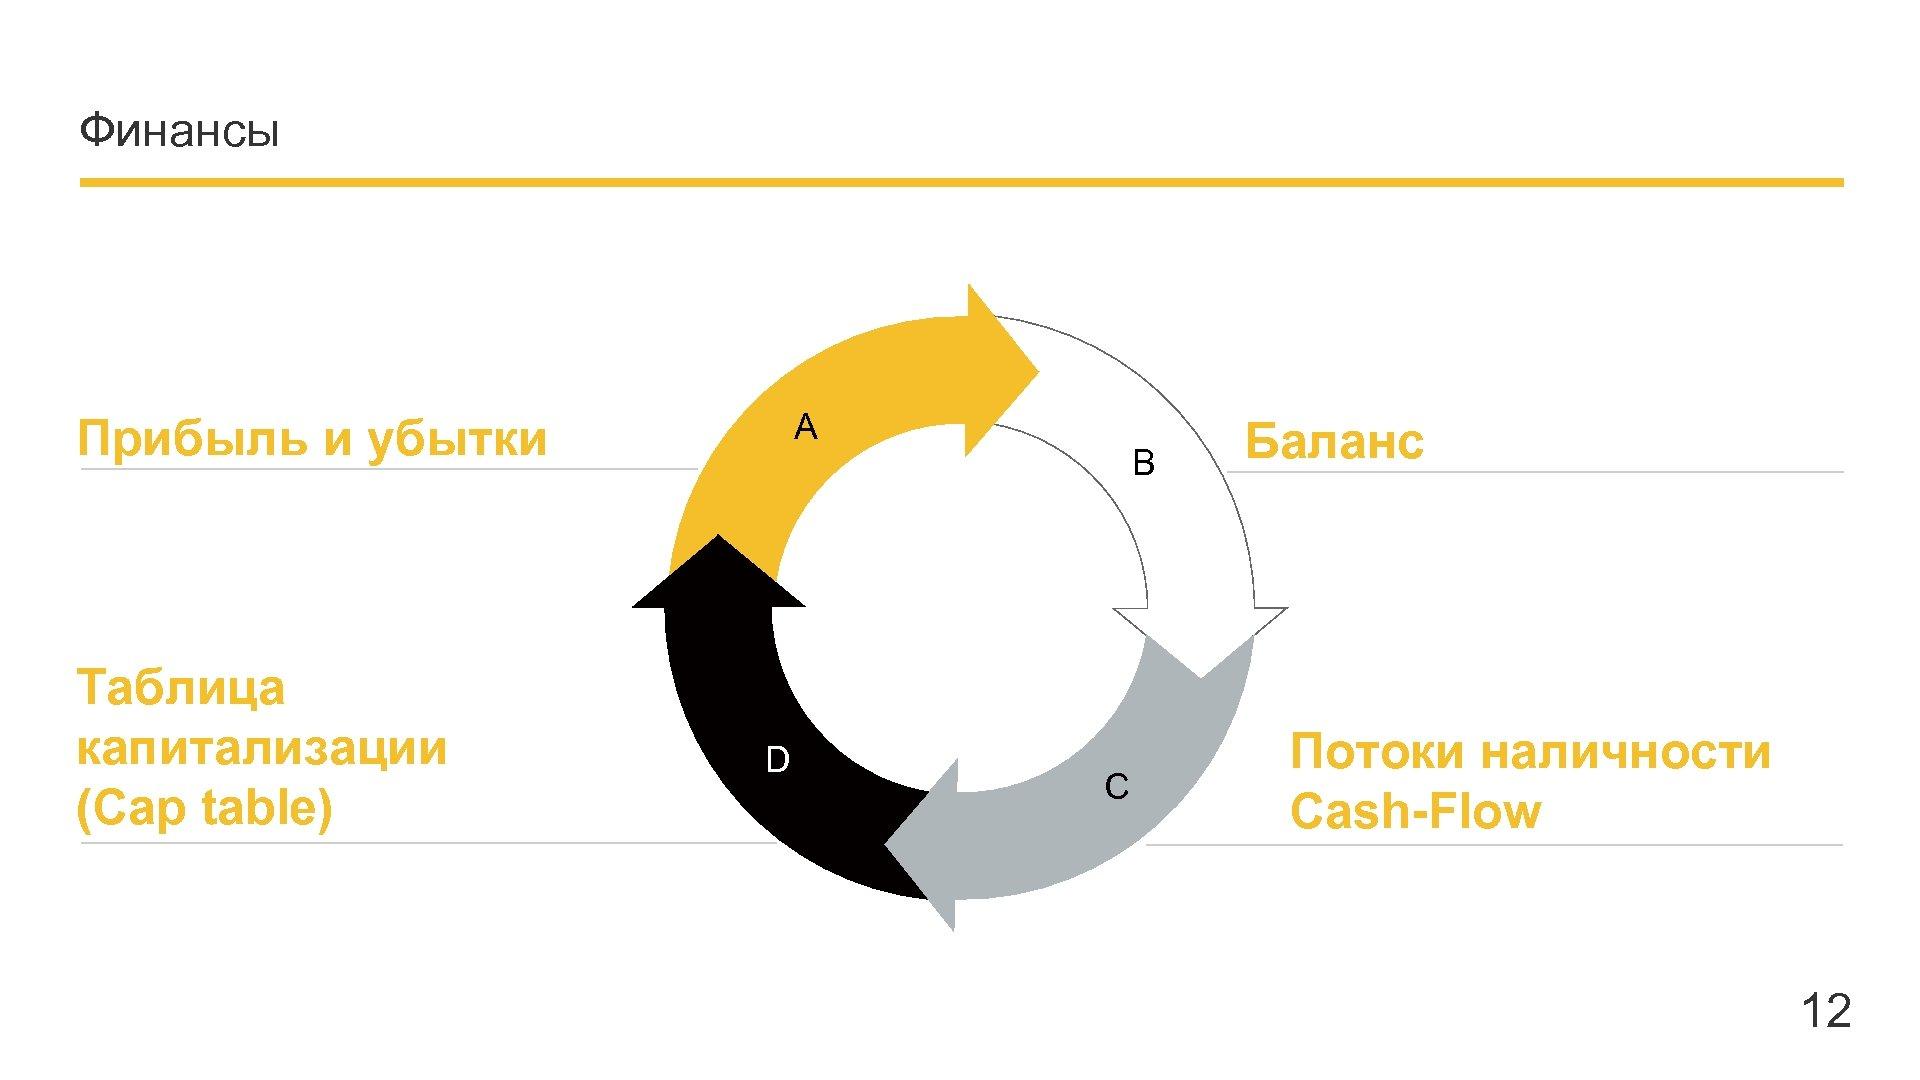 Финансы A Прибыль и убытки Таблица капитализации (Cap table) Company name - Presentation D